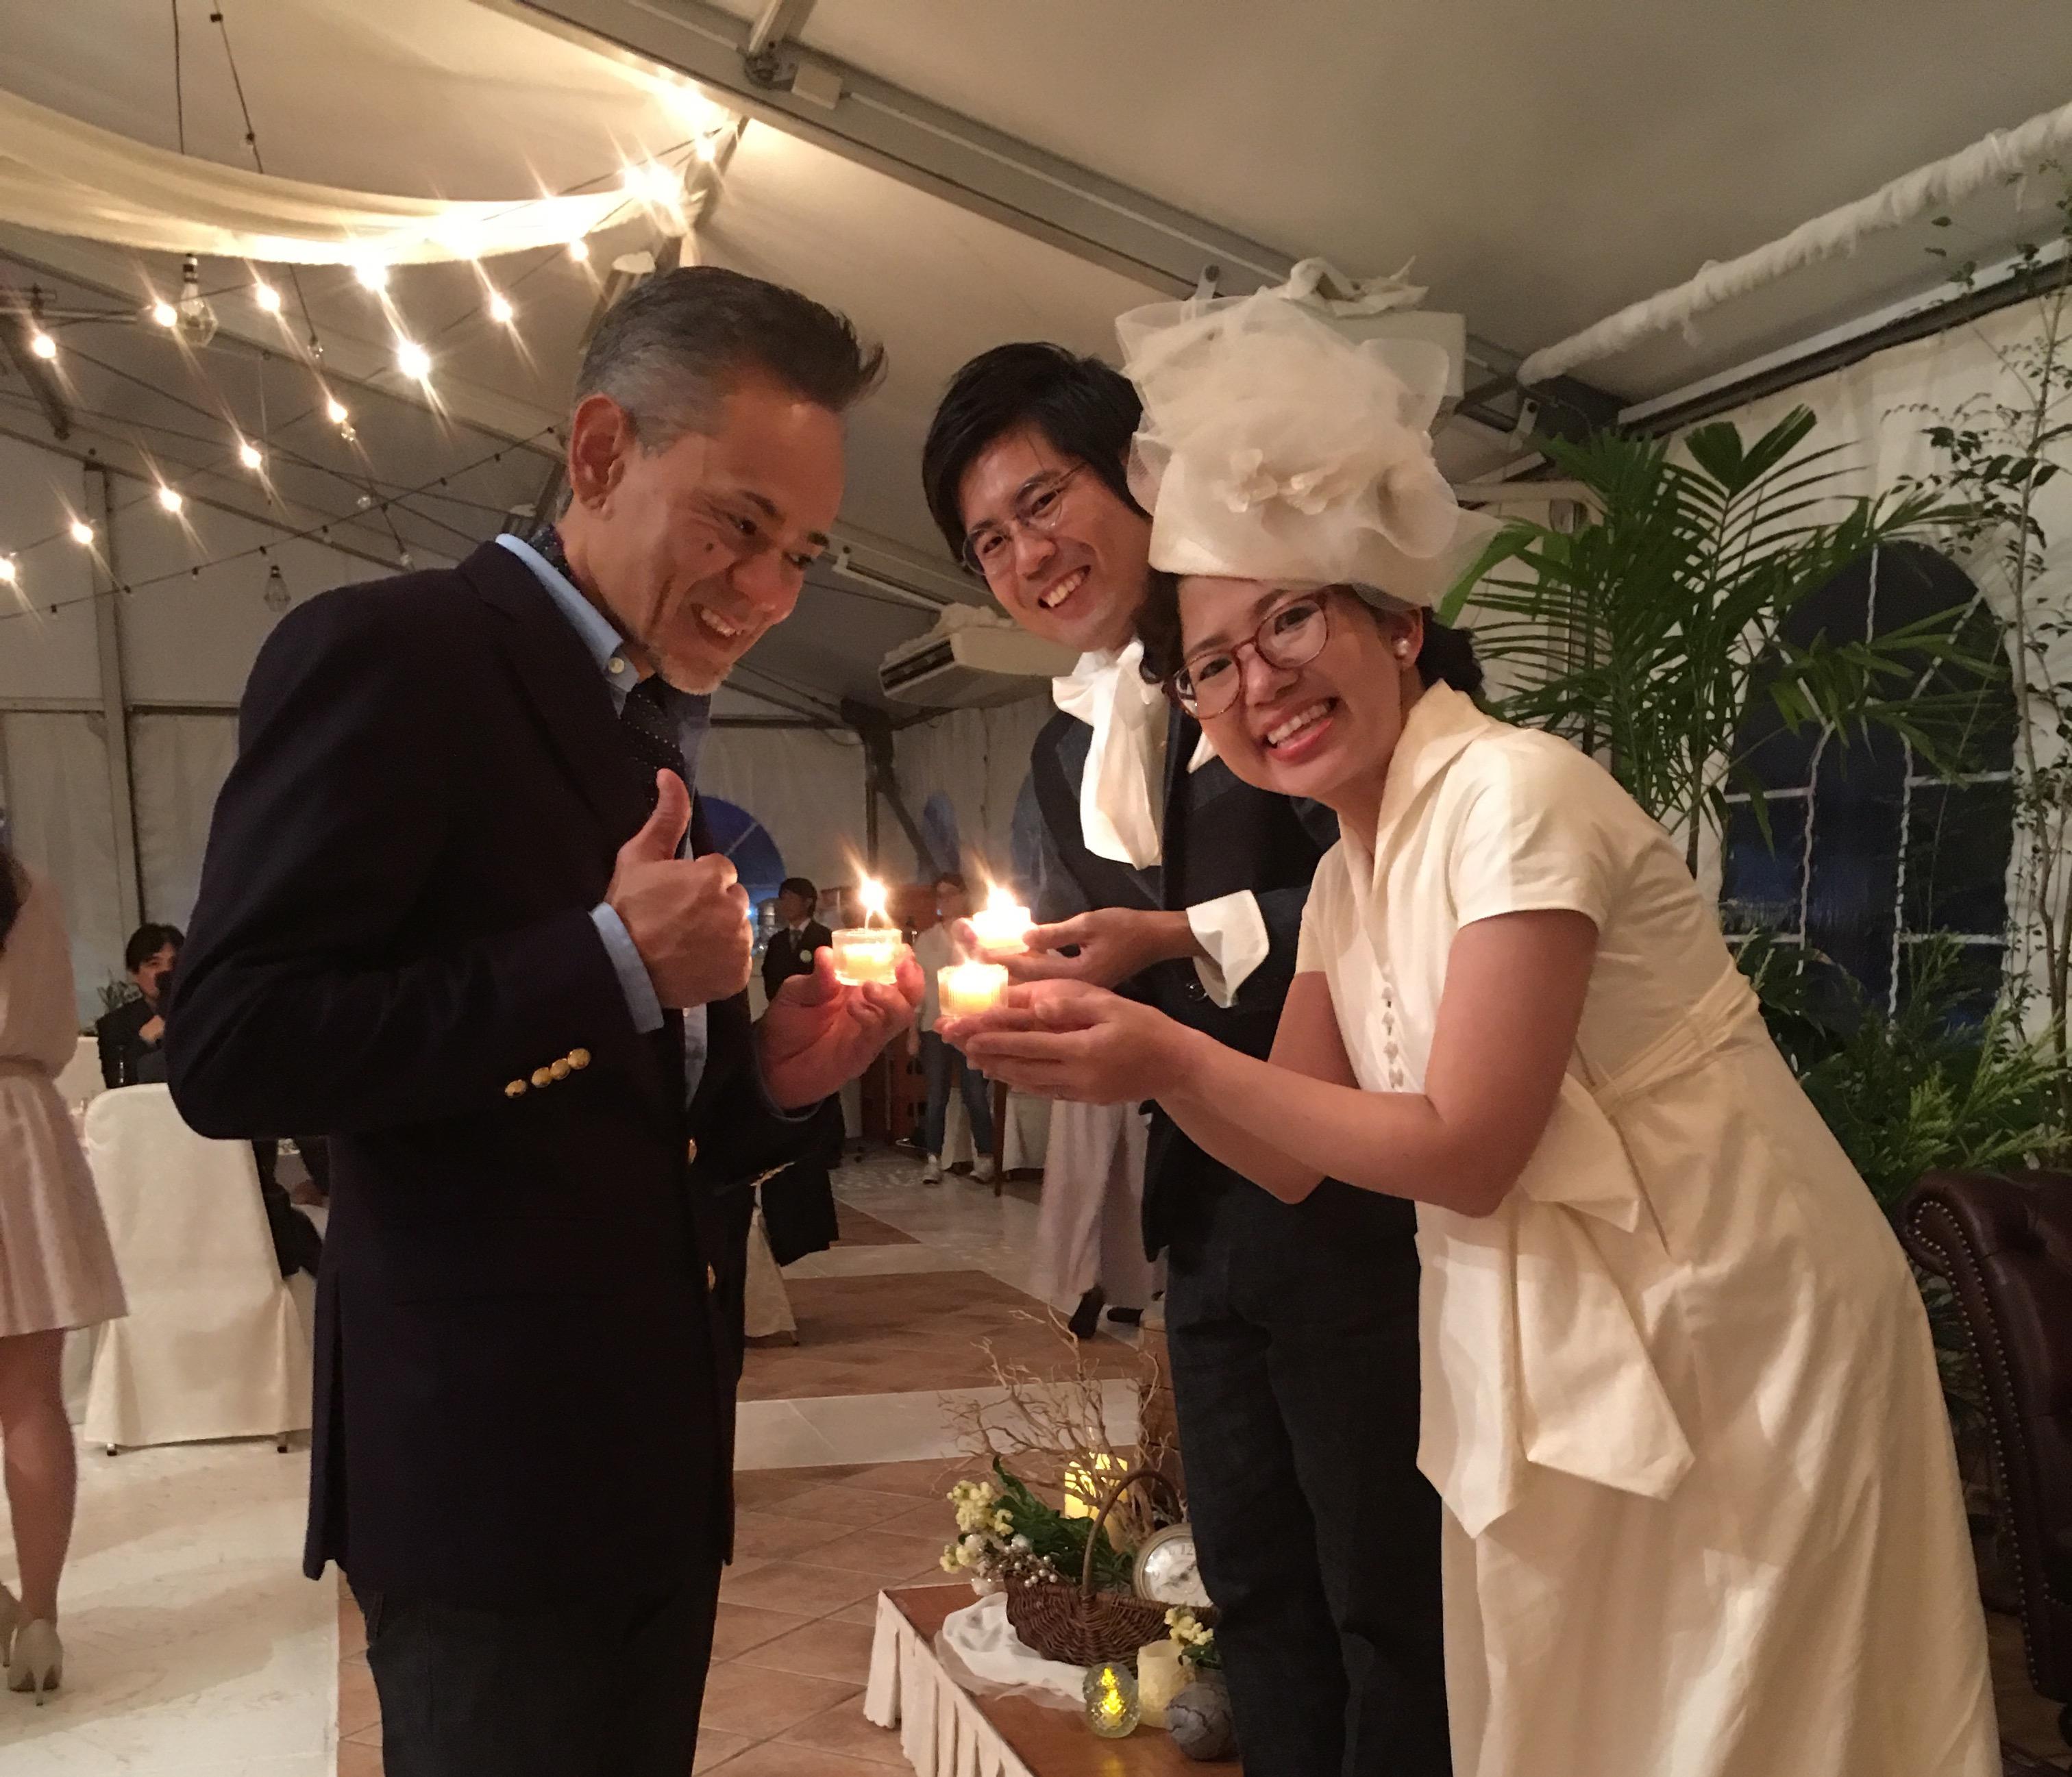 披露宴は 楽しいコンセプト 先生が 新郎 新婦から キャンドル?の炎を受け取って 同じテーブルの方へ その灯火?を手渡すというもの 全員の?が点ったら それぞれが希望をとなえて 自分のローソクの?を吹き消すというセレモニーです。